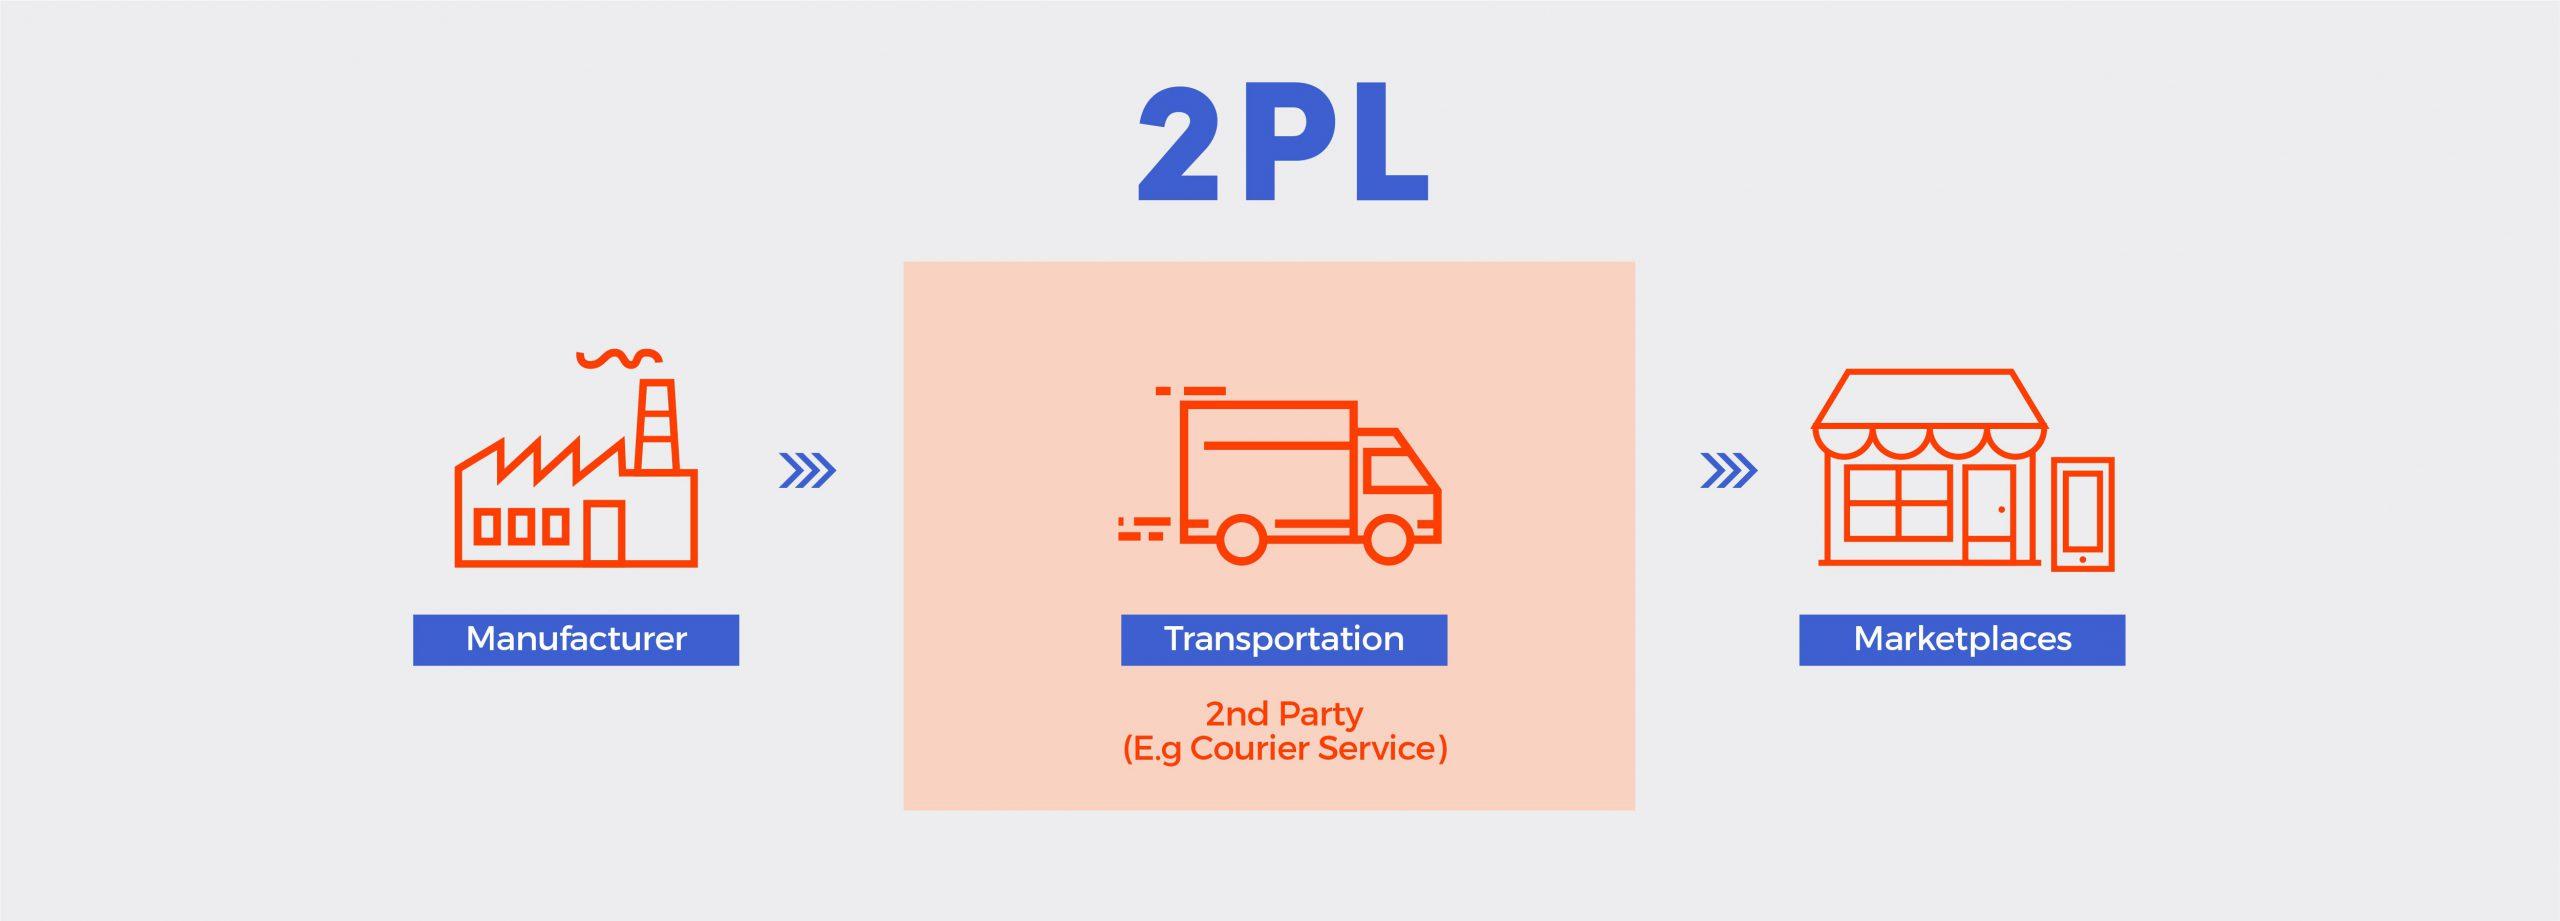 شرکت های لجستیکی طرف دوم دارای ناوگان حملونقلی هستند.